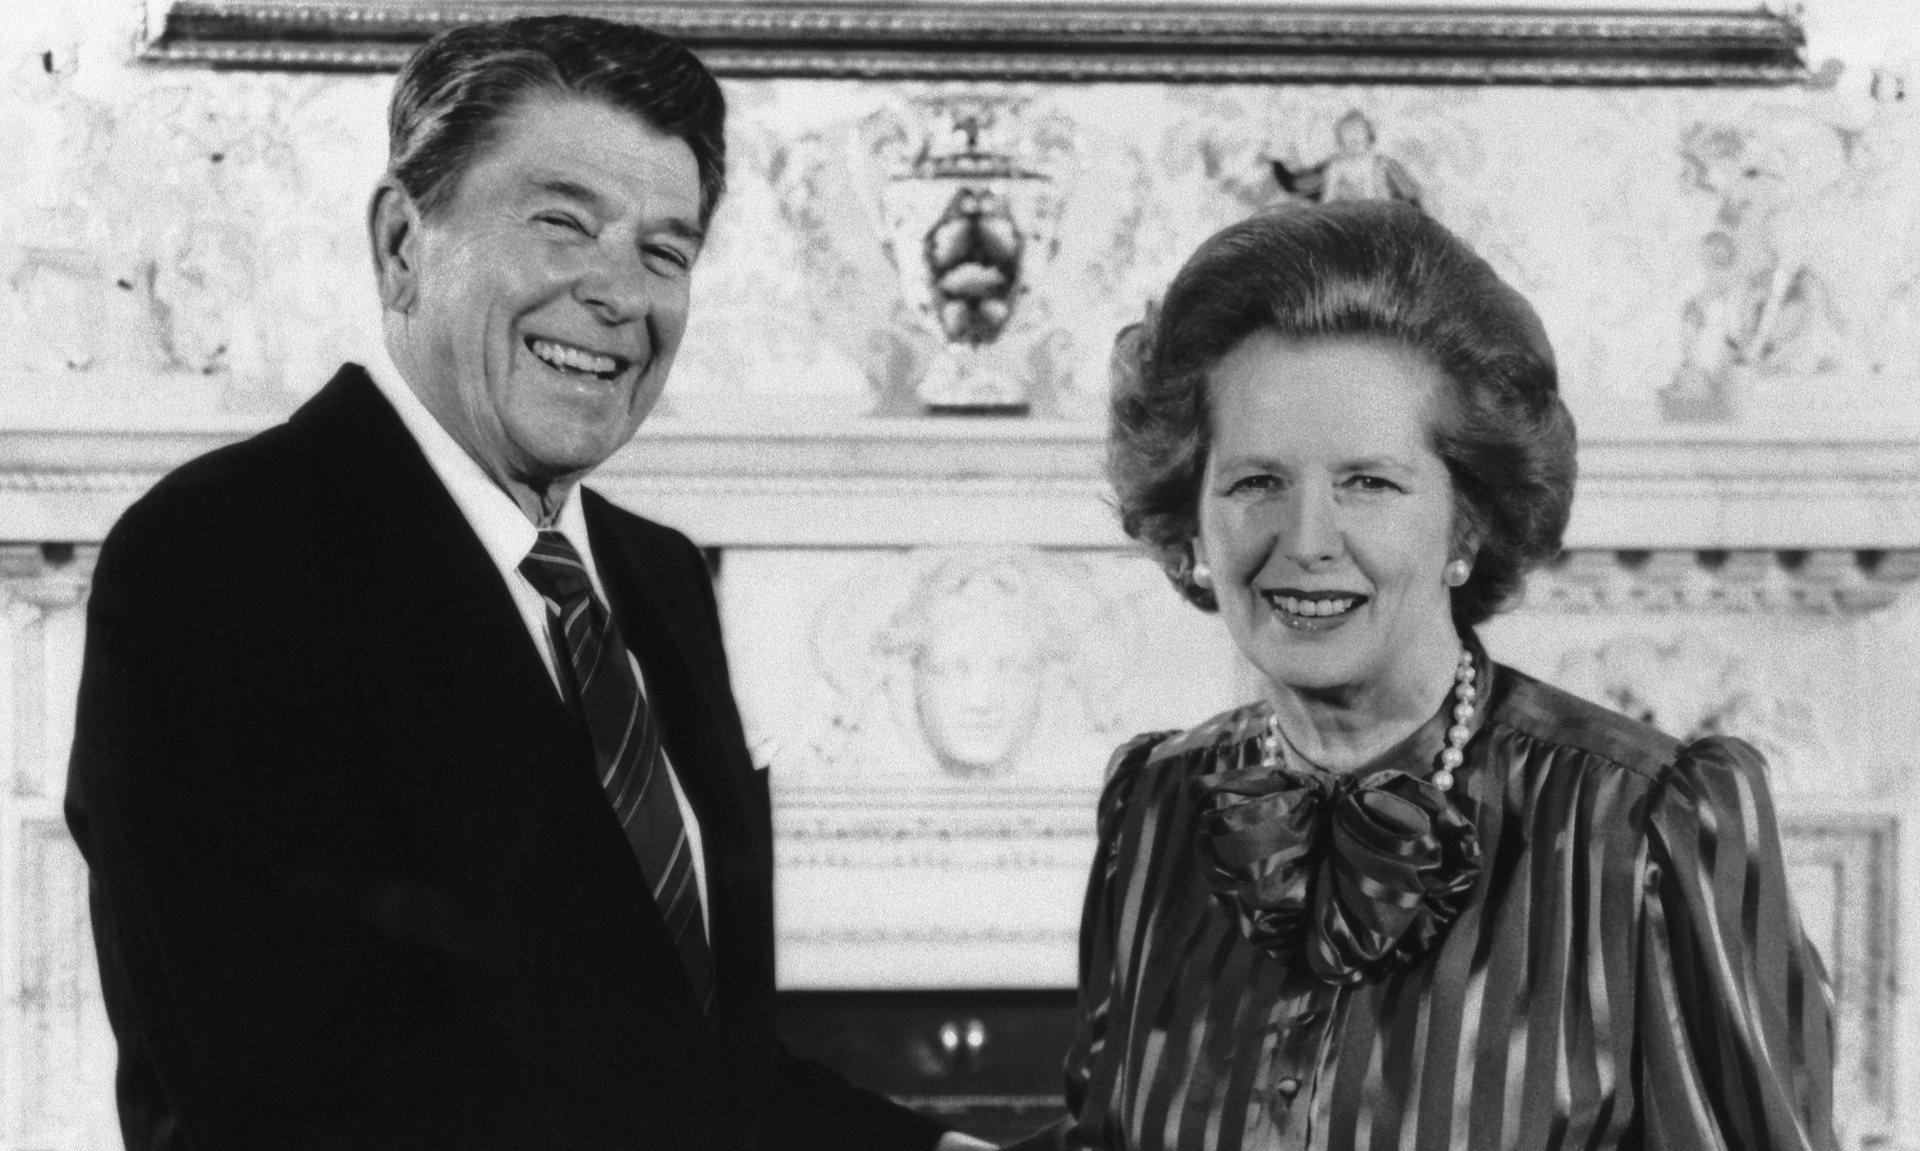 مرگ نولیبرالیسم و بحران سیاست غربی